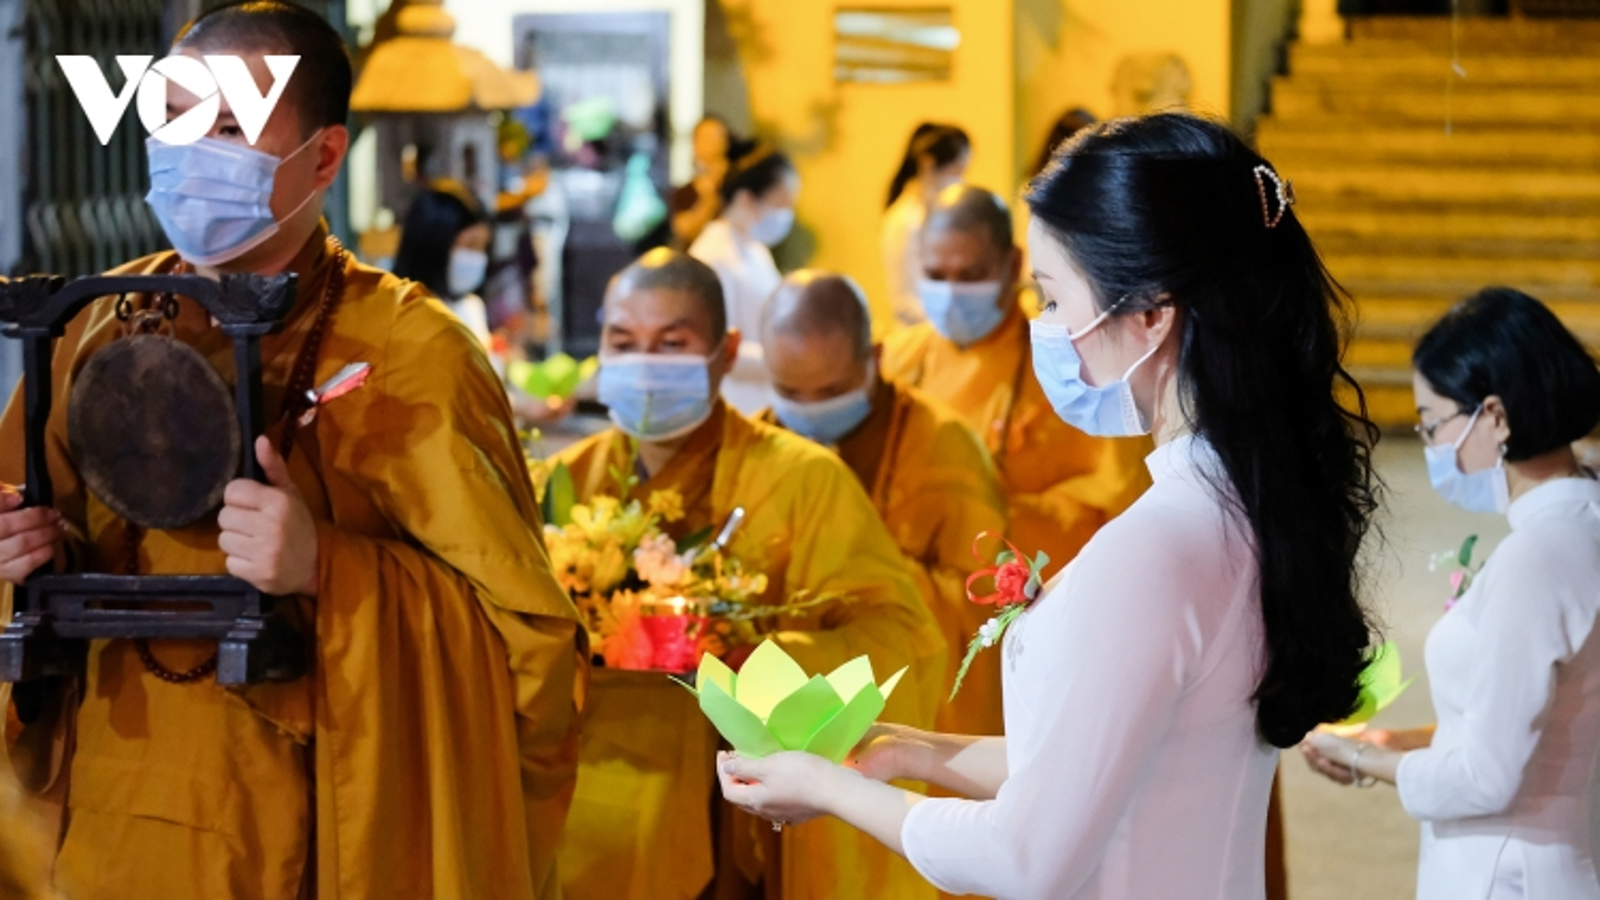 Xúc động Đại lễ Vu lan trực tuyến tại chùa Phúc Khánh trong mùa dịch Covid-19